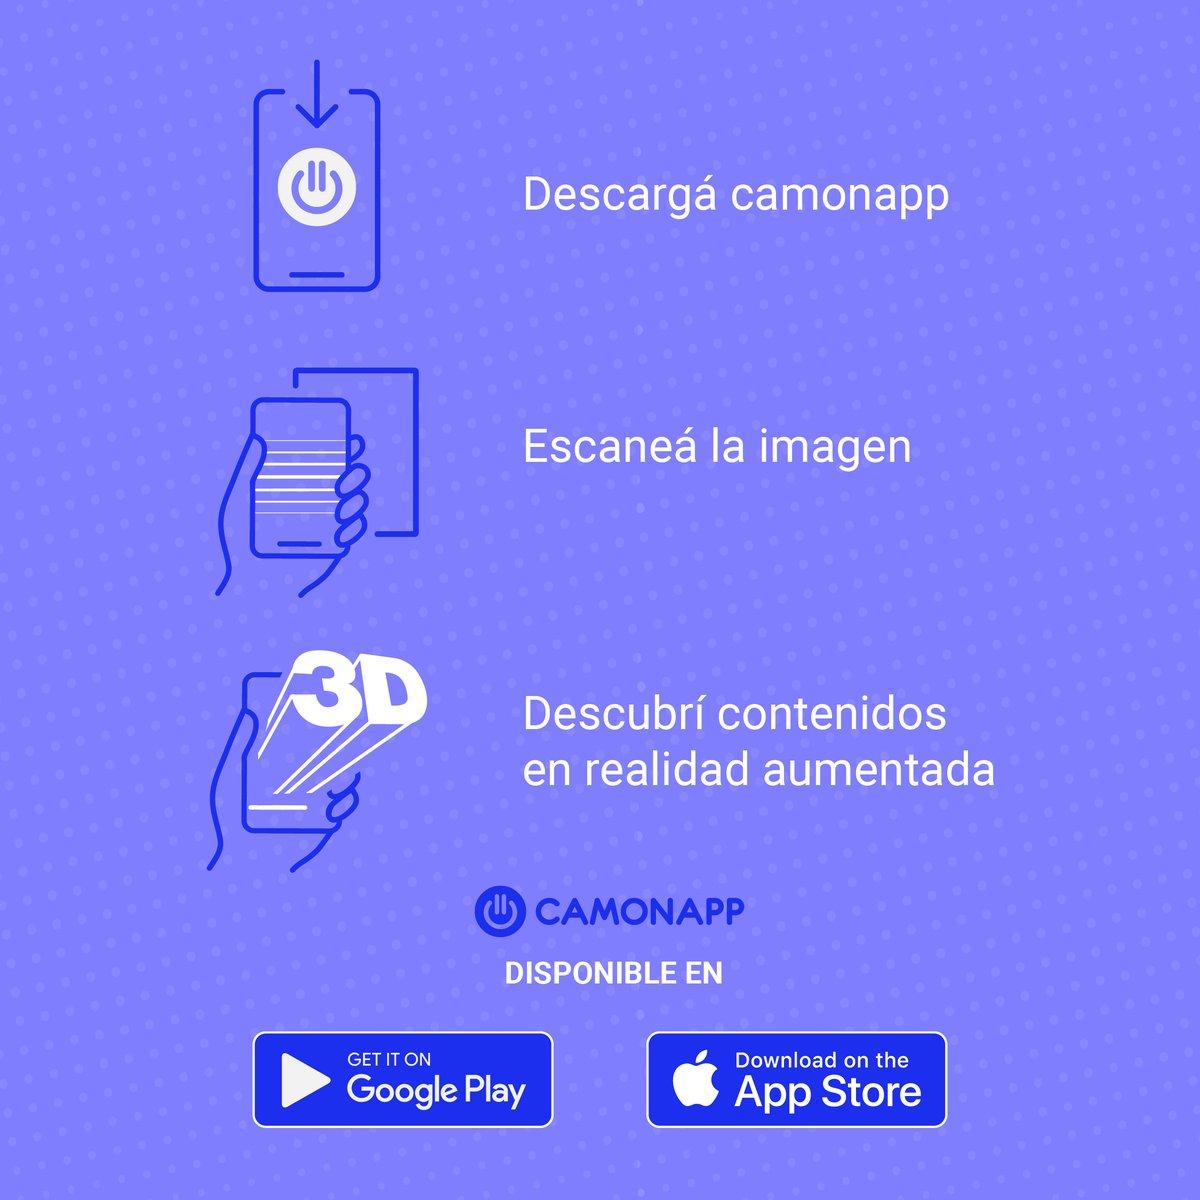 Descargate 📲 Camonapp   Escaneá el ÁTOMO ⚛️ que está en esta publicación y descubrí nuestros contenidos en realidad aumentada desde tu 📱 https://t.co/1N5hEFgxyG